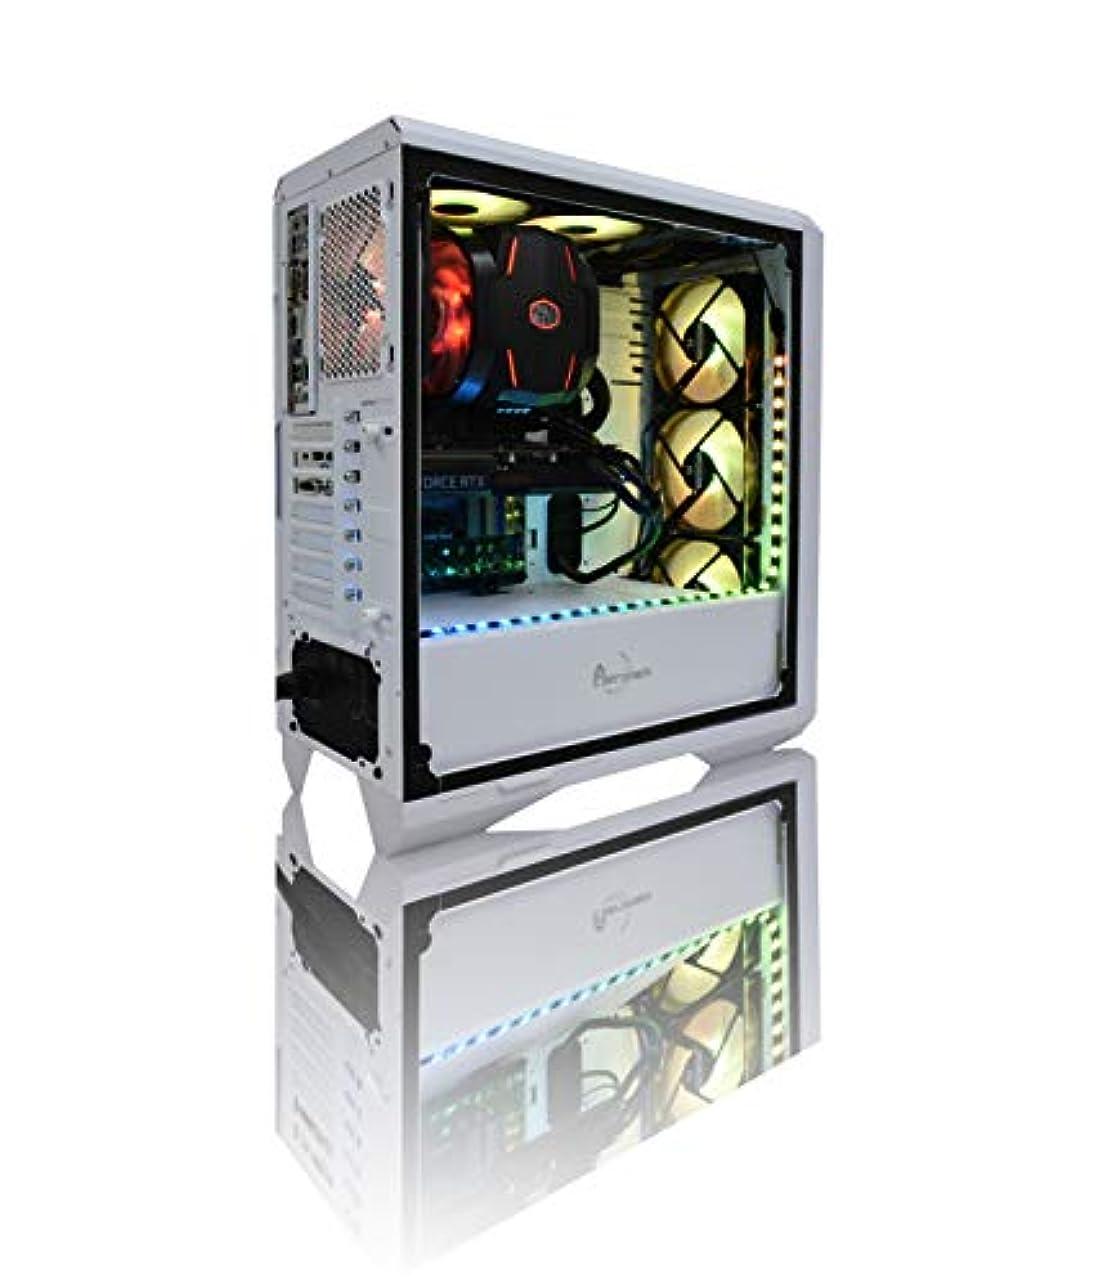 愚かペチュランス許可する【Astromeda】ゲーミングデスクトップパソコン【intel core i7 9700K/RTX2070/RGBメモリ16GB/SSD240G/HDD2TB/Windows10Home 64bit】